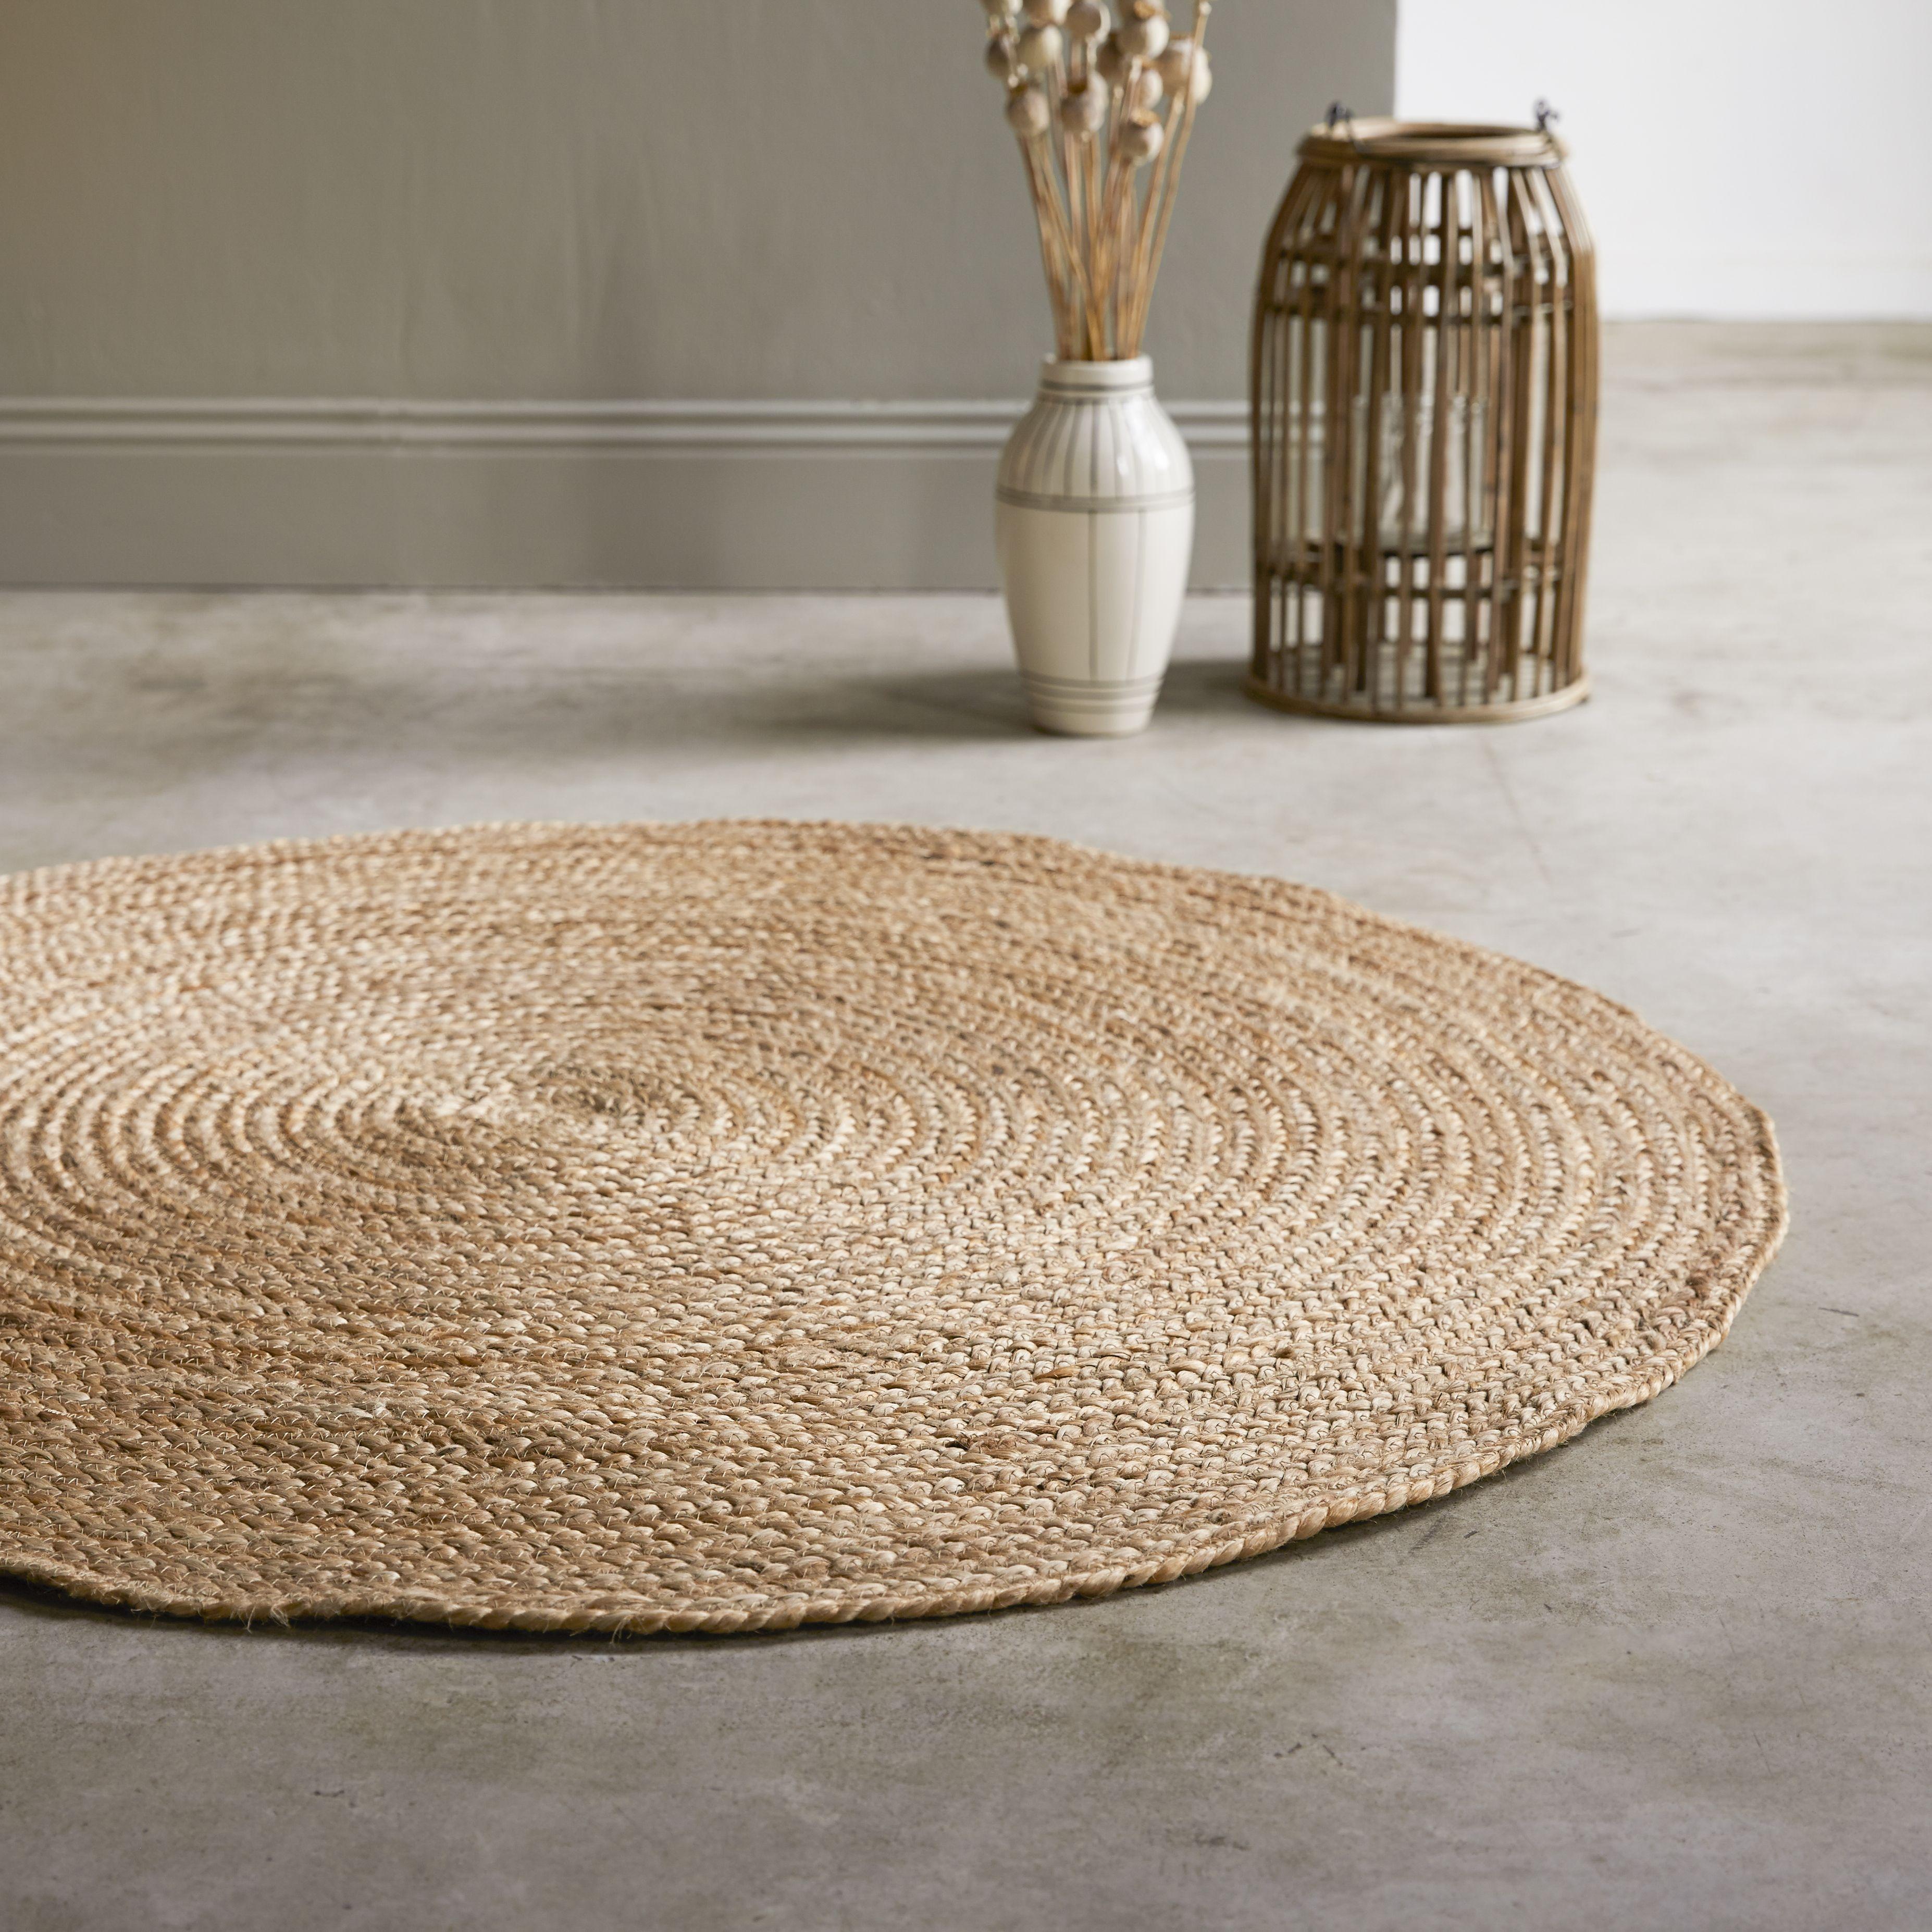 le tapis casatera en jute horace 120 cm